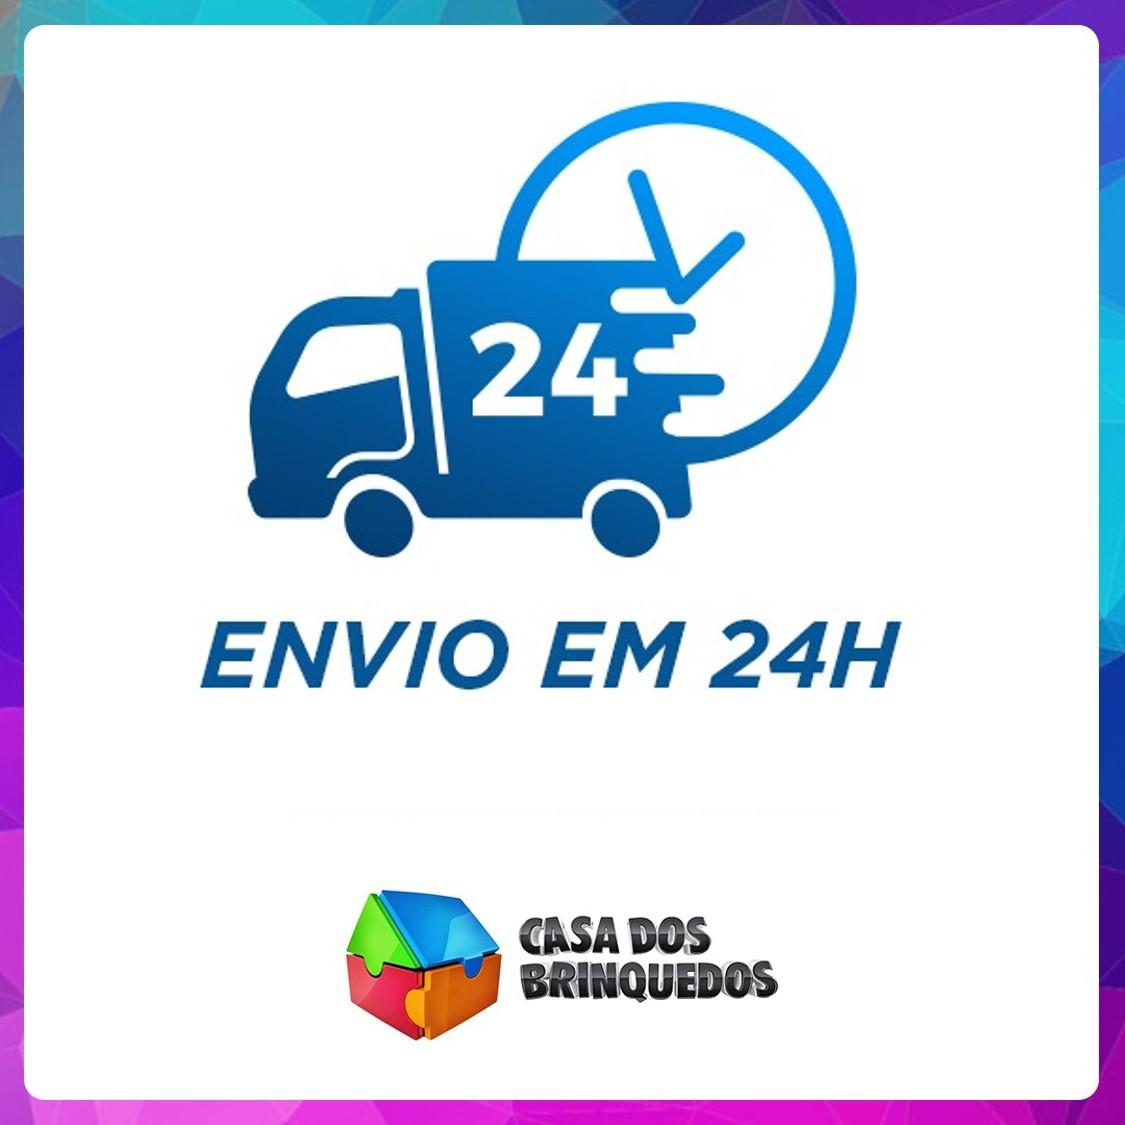 BARRACA DINOSSAURO 72CM X 70CM X 91CM DMT5618 DM TOYS